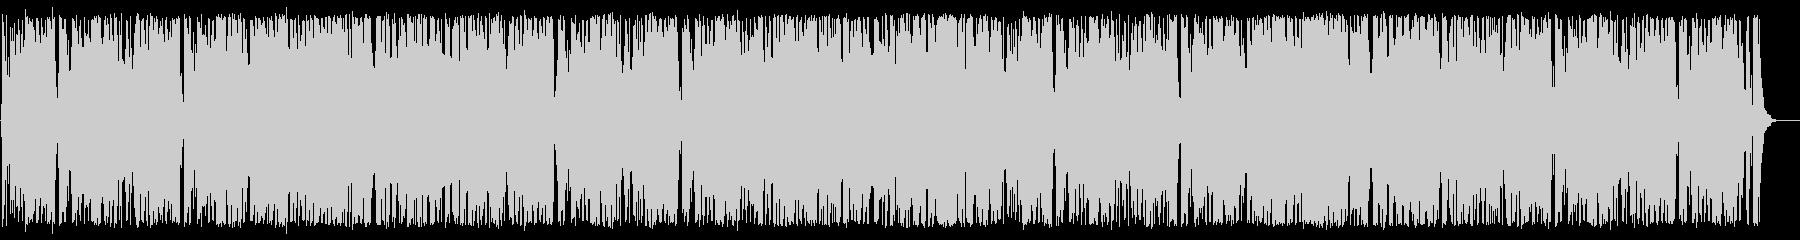 小序曲「くるみ割り人形組曲」よりの未再生の波形